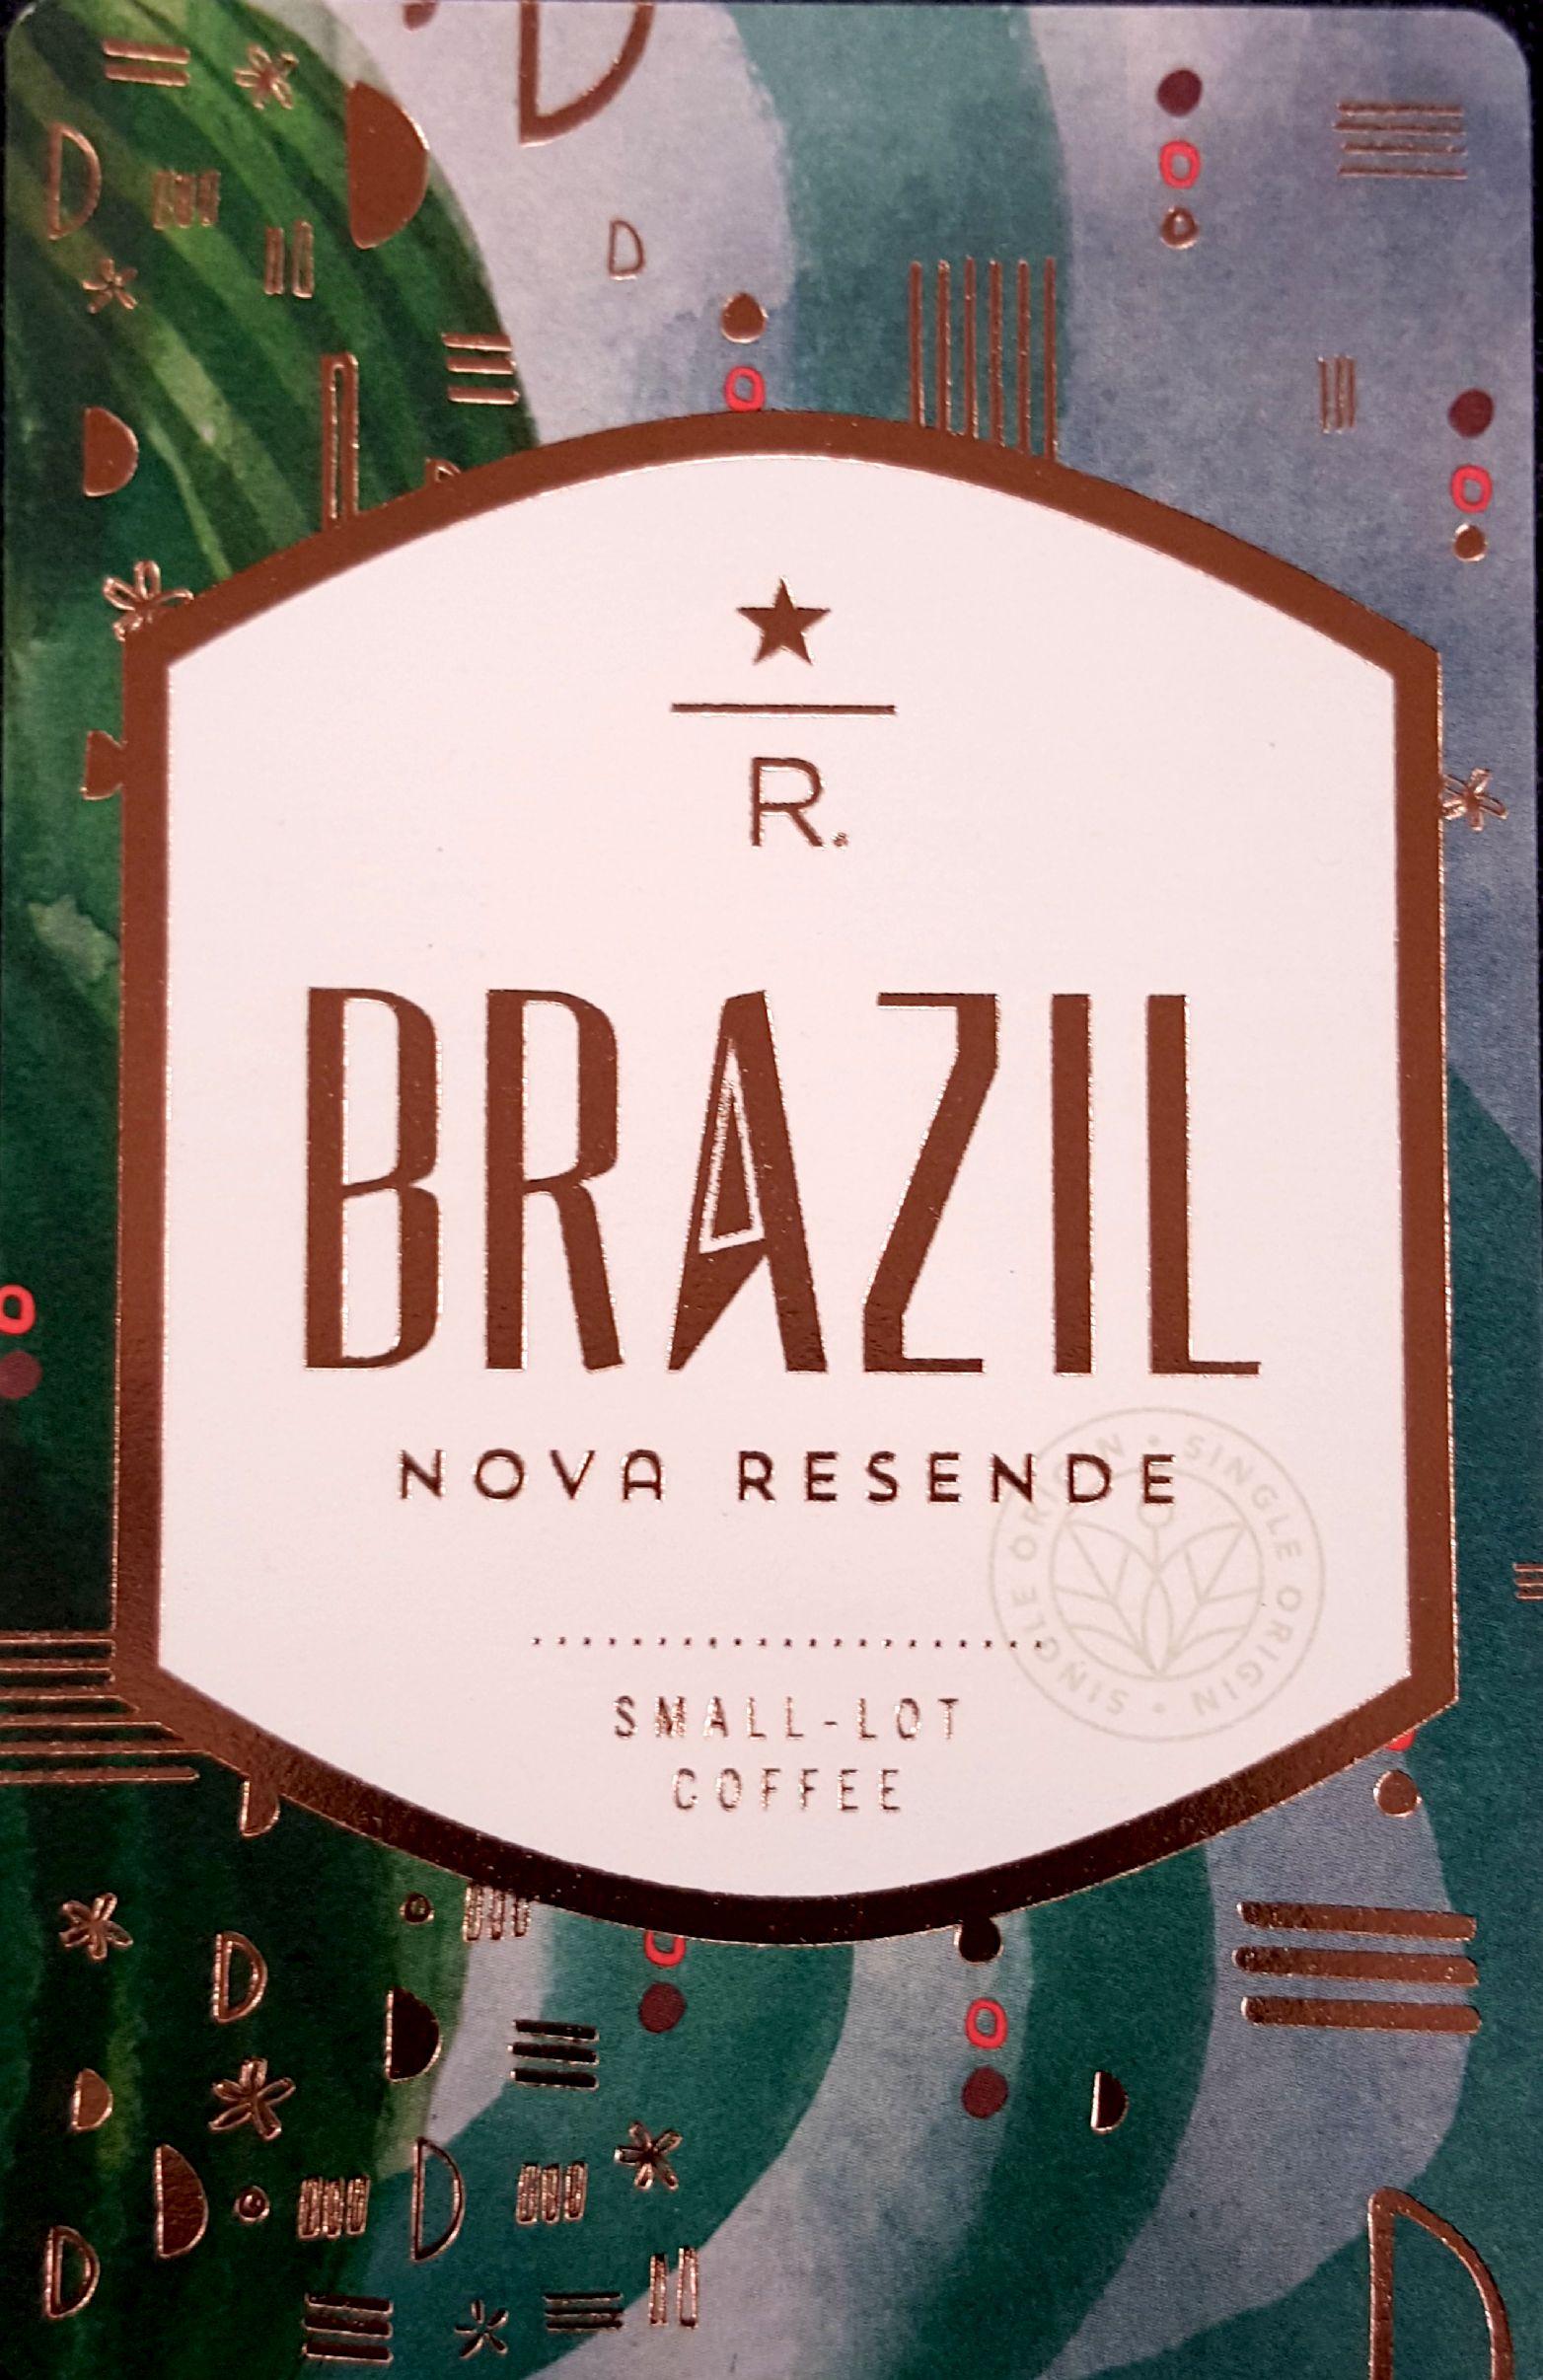 New Doc 1_1-1 Brazil Nova Resende - front.jpg